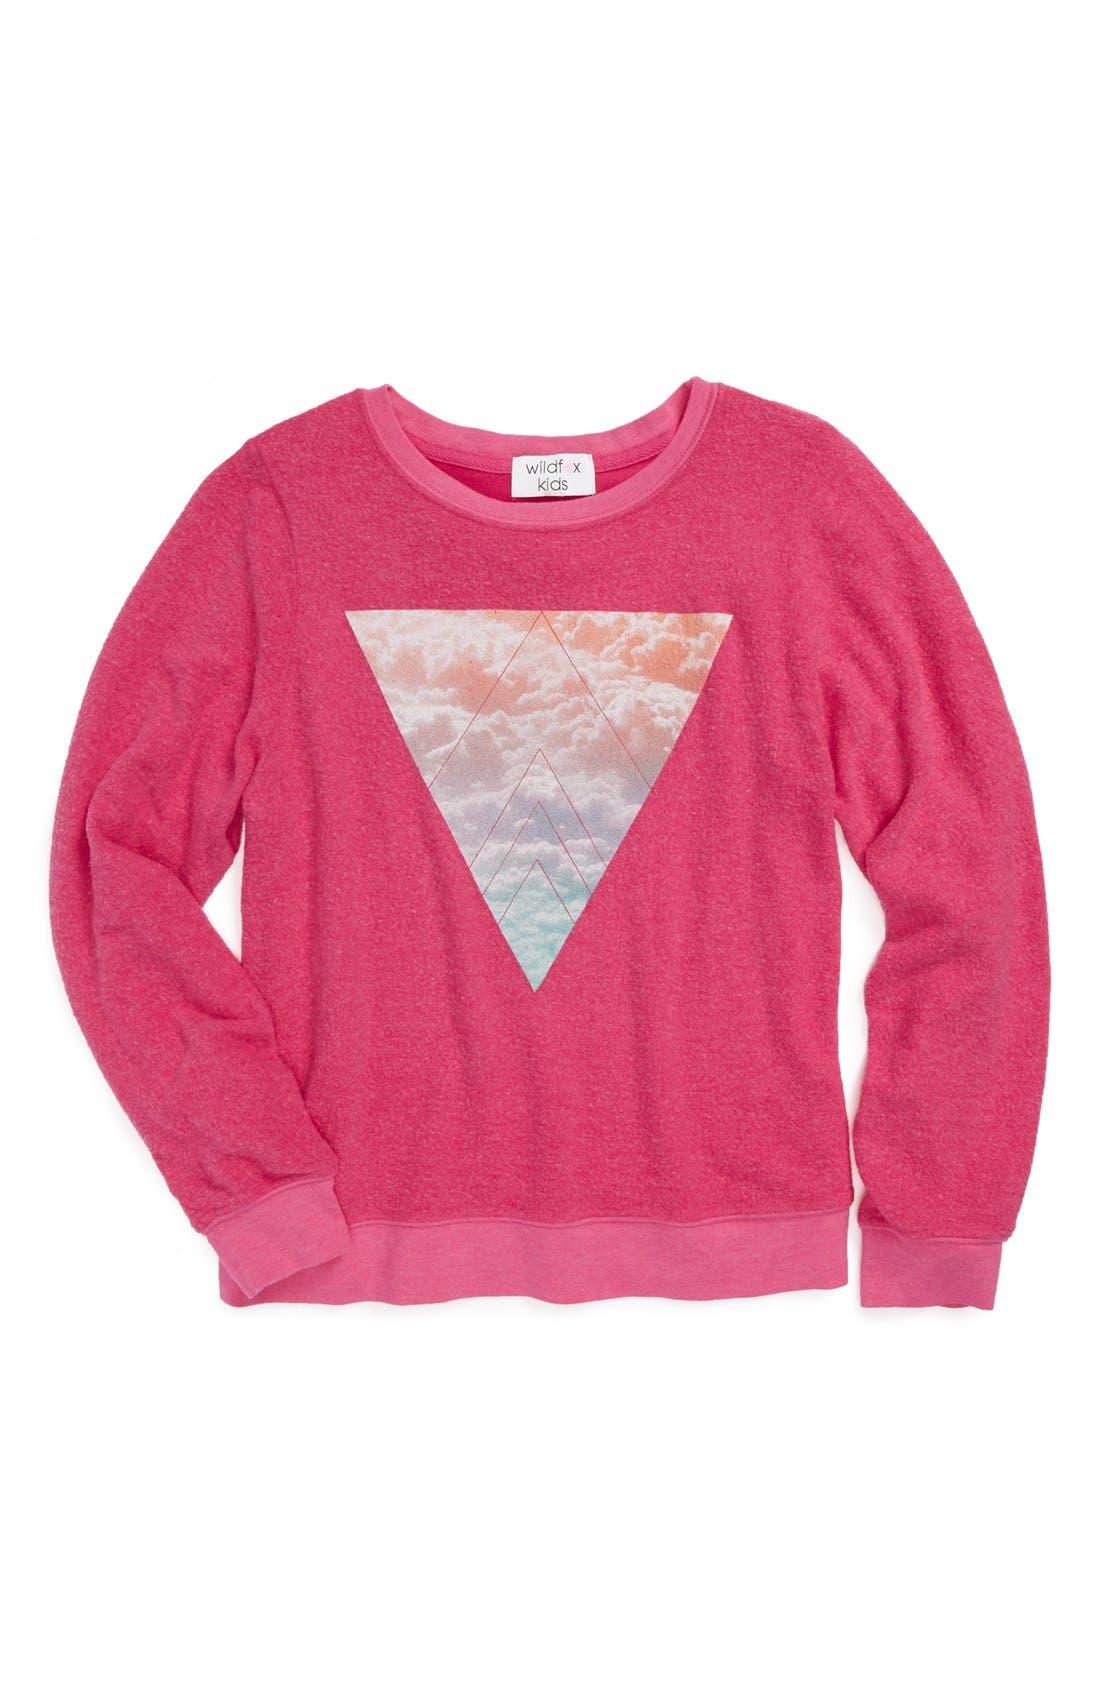 Alternate Image 1 Selected - Wildfox 'Pastel Prism' Sweatshirt (Big Girls)